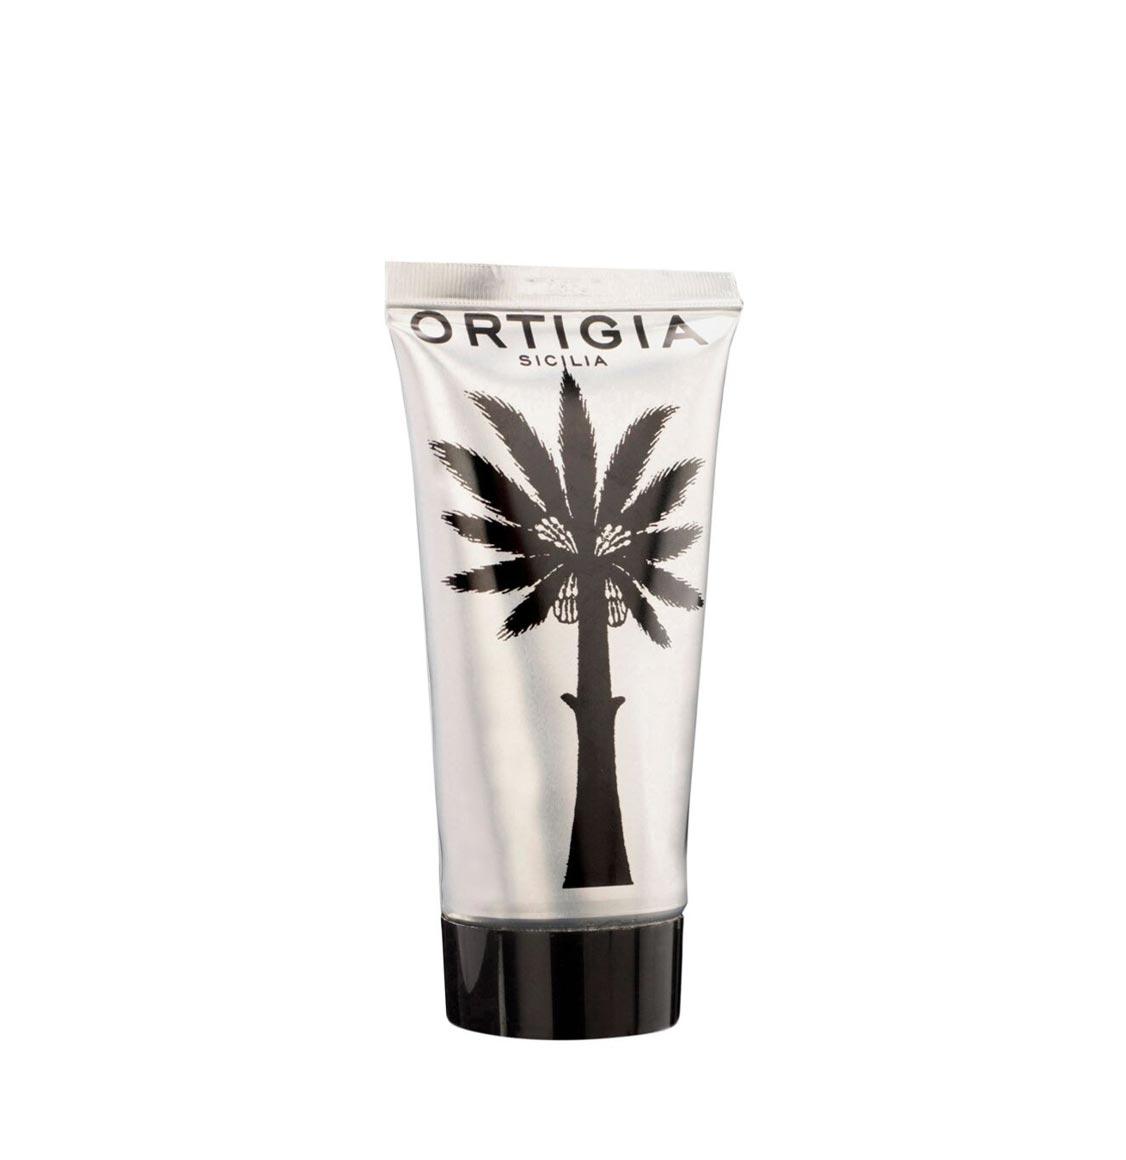 Ortigia Sicilia Fico D' India Hand Cream 80ml